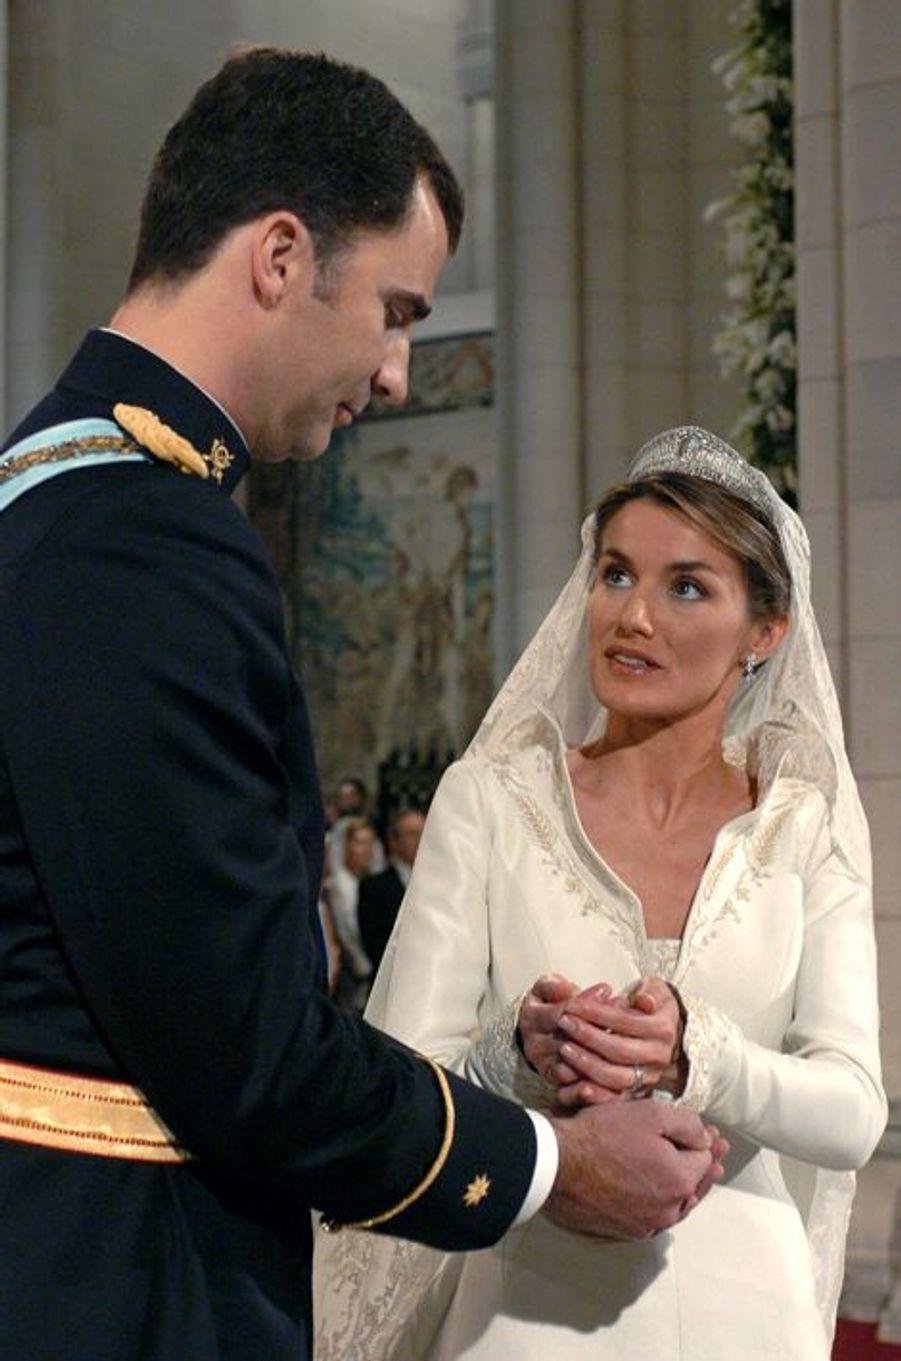 Letizia épouse le prince Felipe d'Espagne le 22 mai 2004